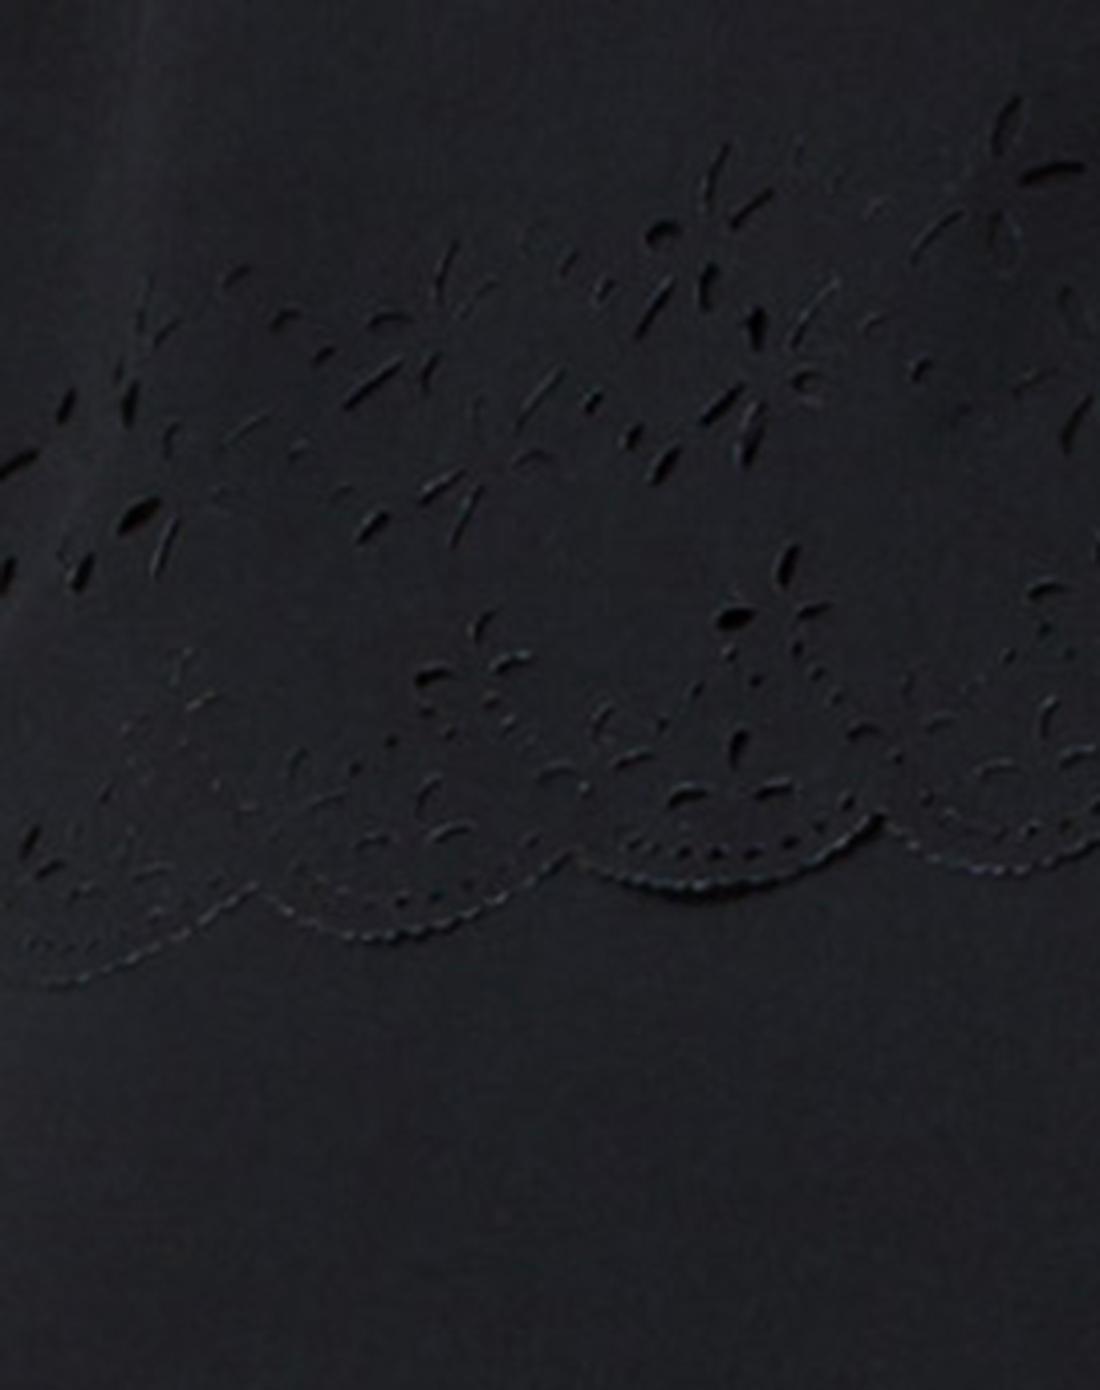 黑色简笔画壁纸